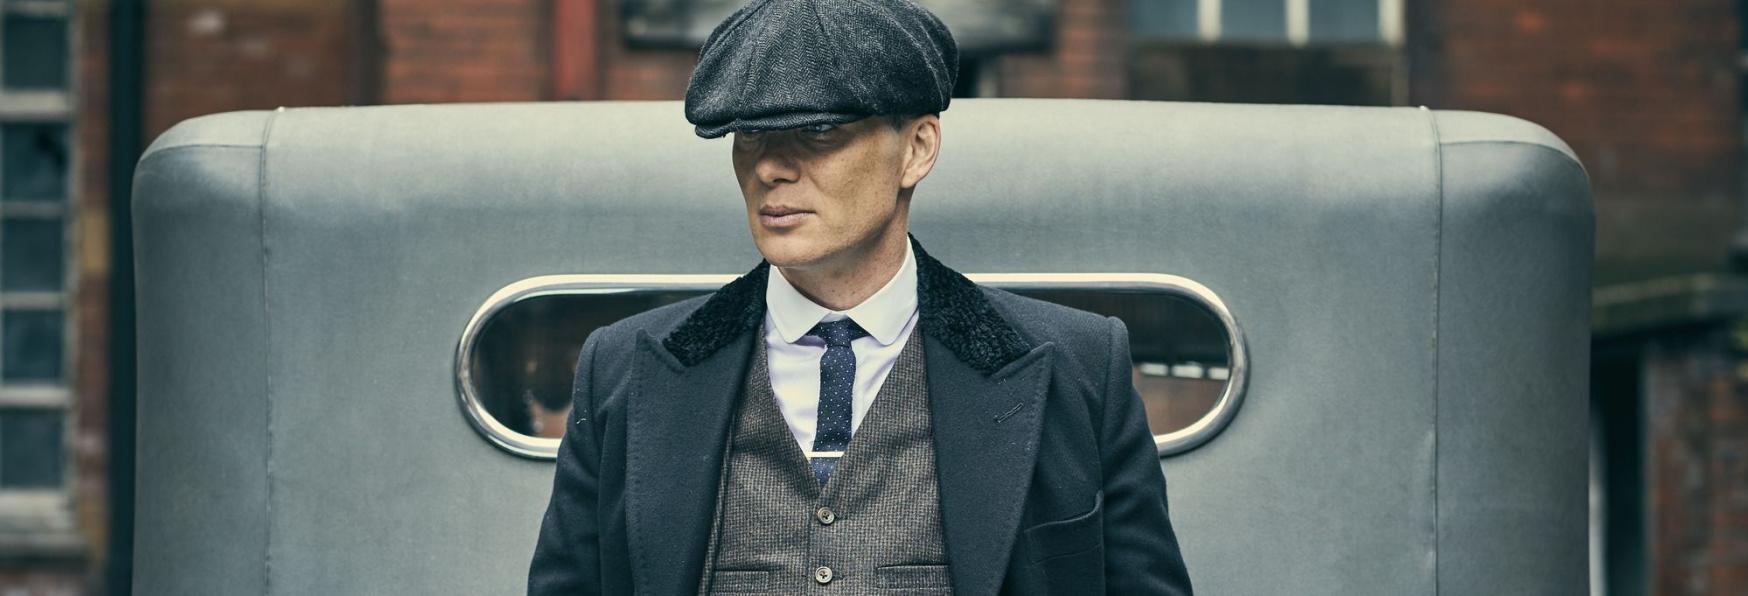 Una Sorpresa in Peaky Blinders 6: alcune Foto dal Set svelano il Ritorno di un noto Personaggio